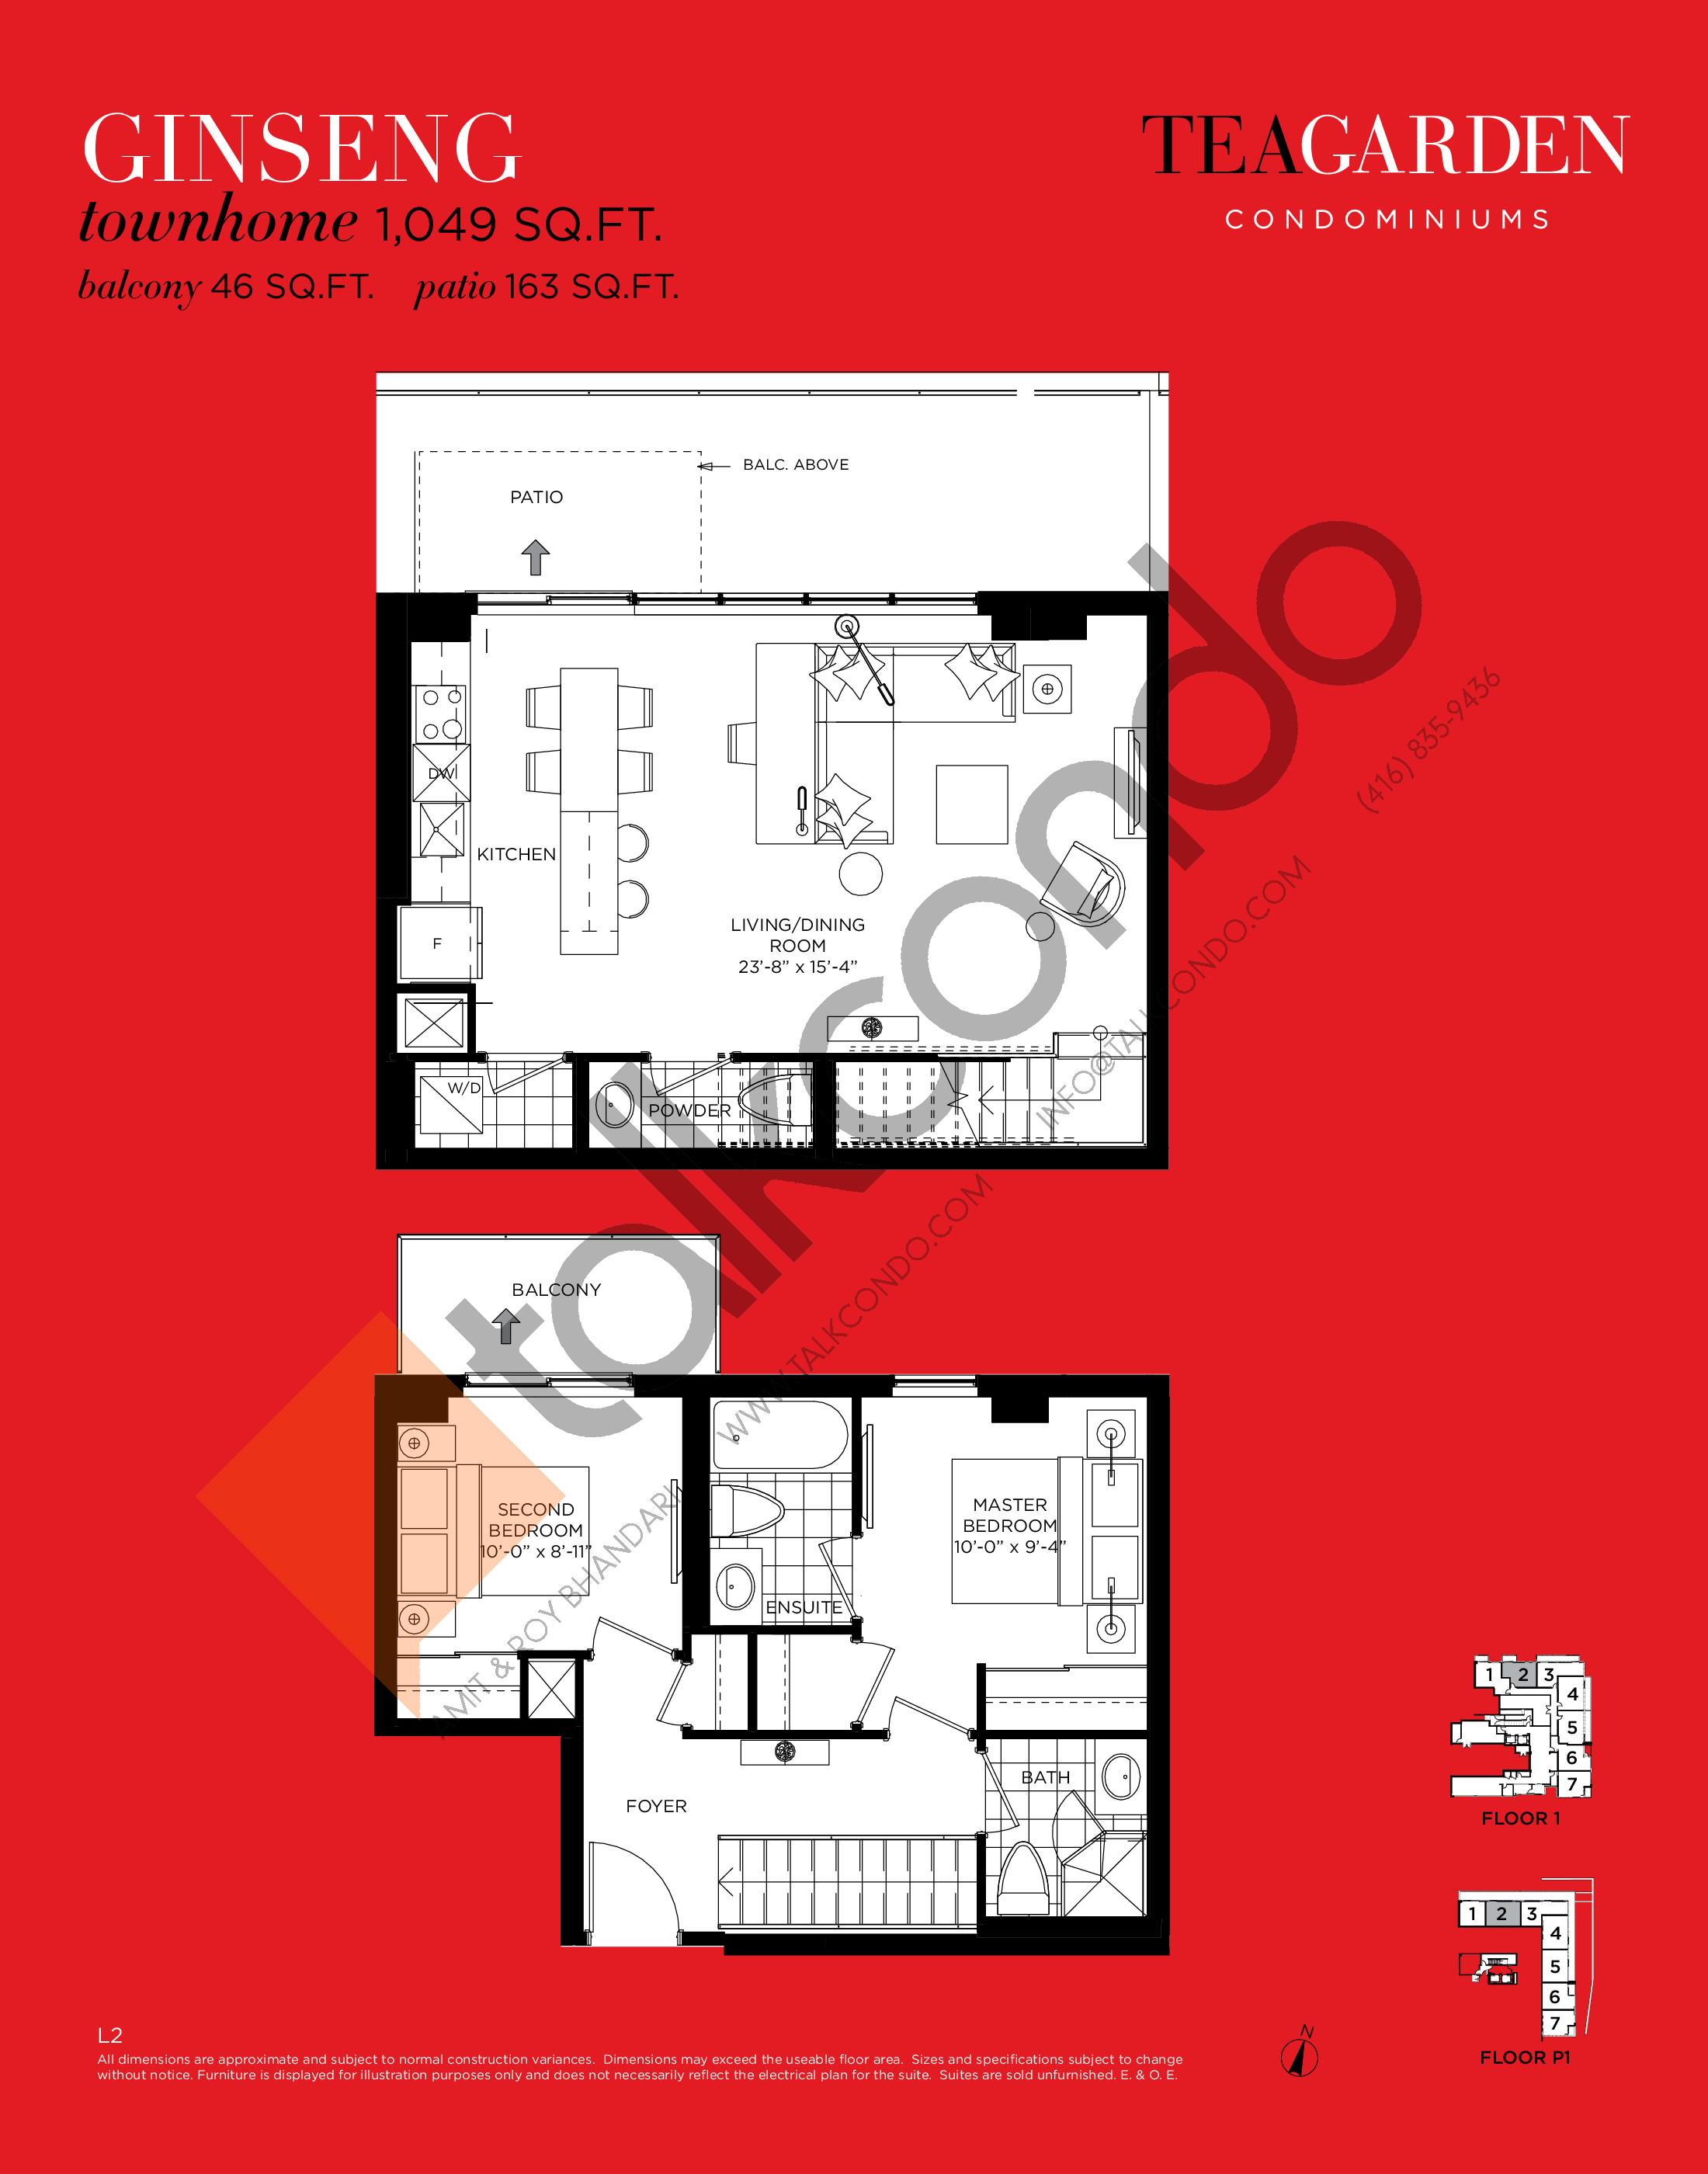 Ginseng Floor Plan at Tea Garden Condos - 1049 sq.ft